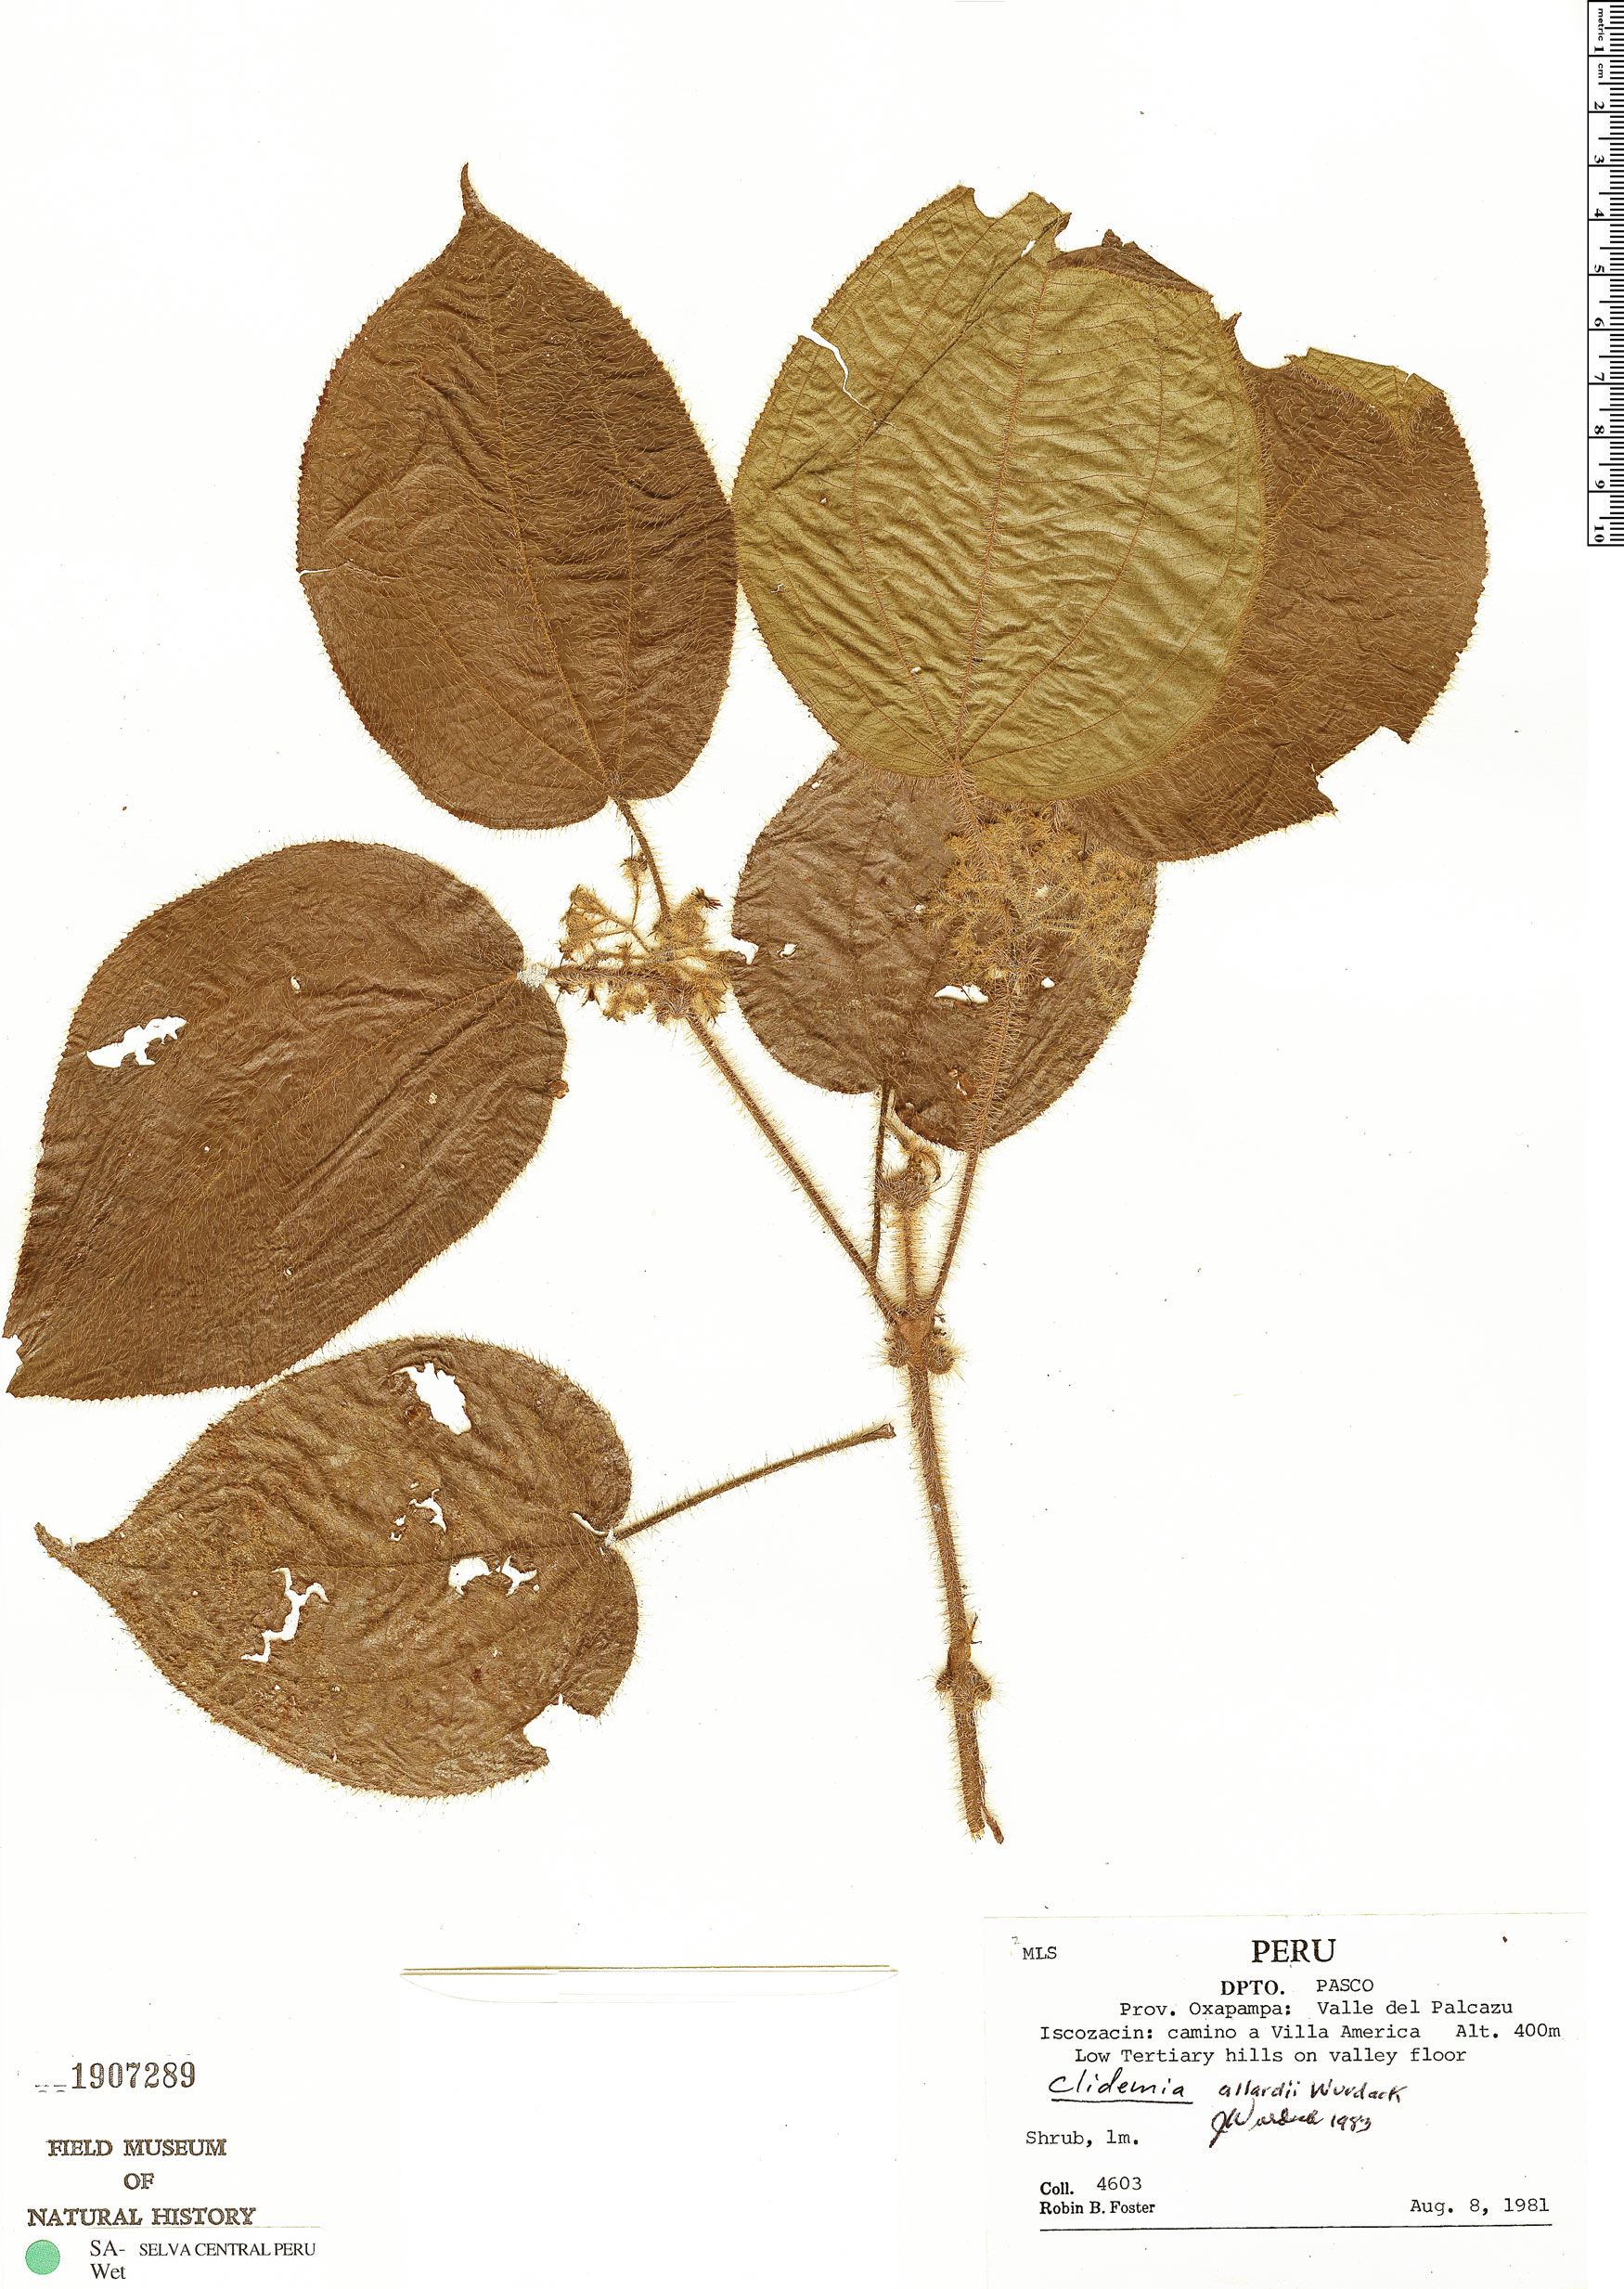 Espécimen: Clidemia allardii